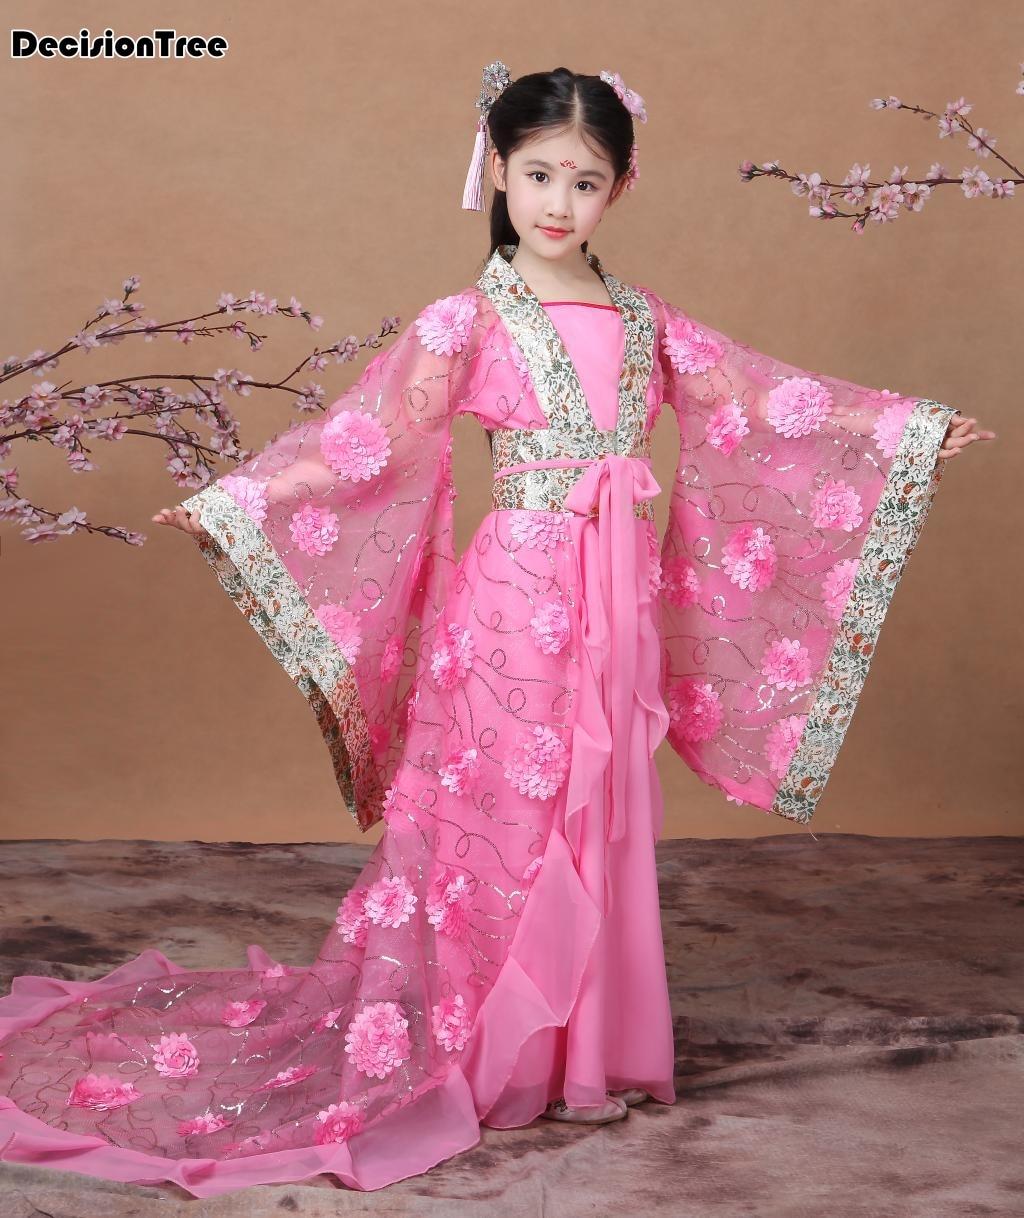 Новинка 2019 года розовый Древний китайский традиционный обувь для девочек hanfu костюмы косплэй платья вечеринок династии Тан костюмы